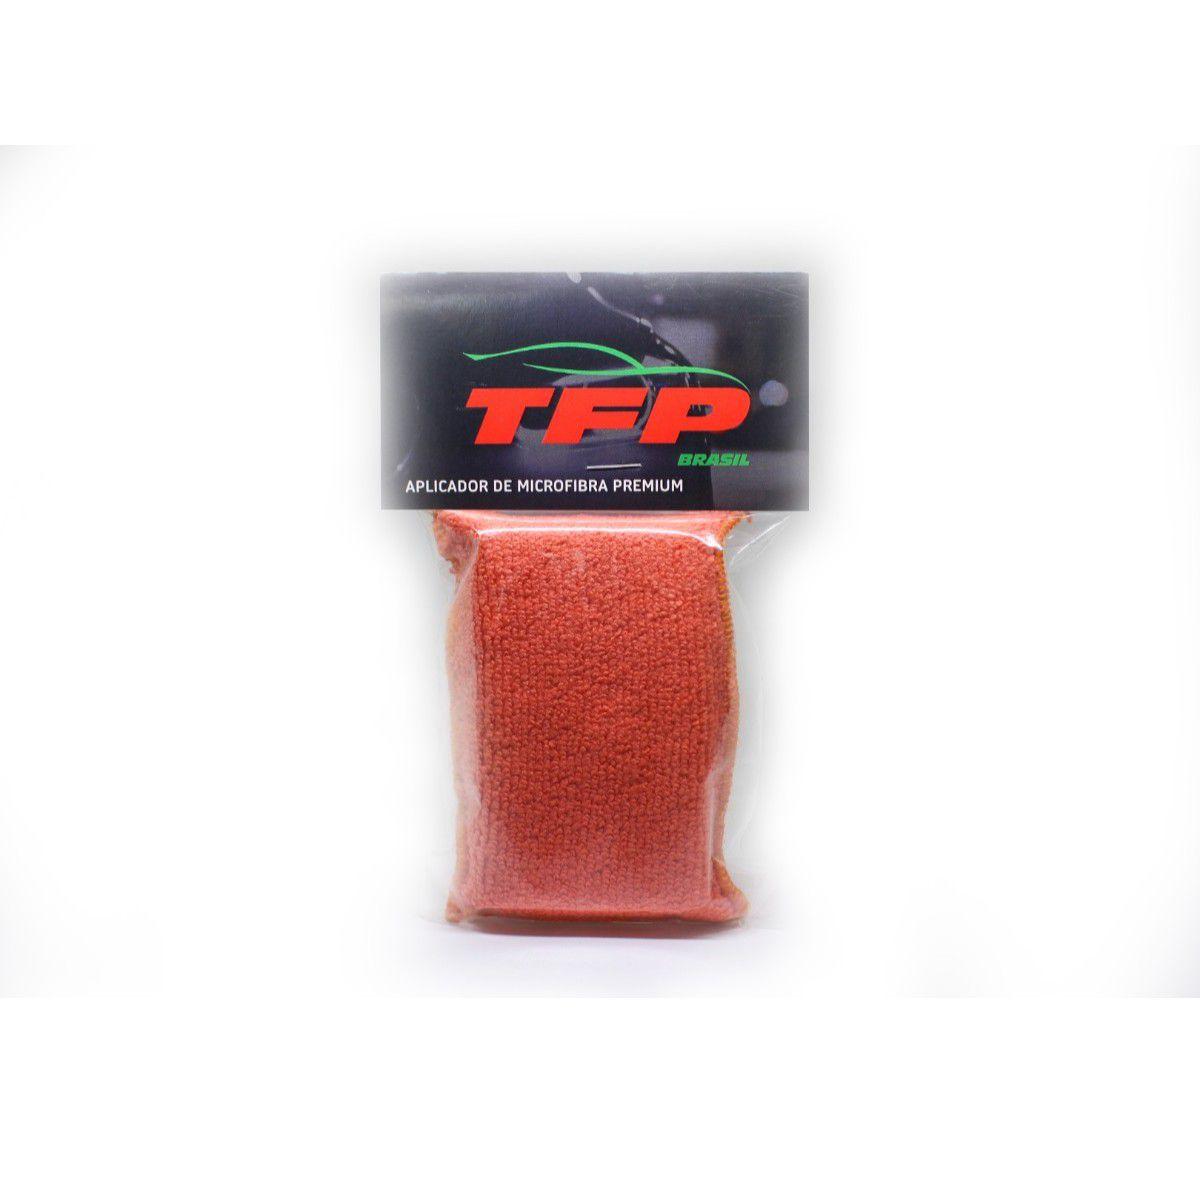 Renovador De Plasticos Painel E Pneu Parachoque Vital Plast 500ml  + Aplicador